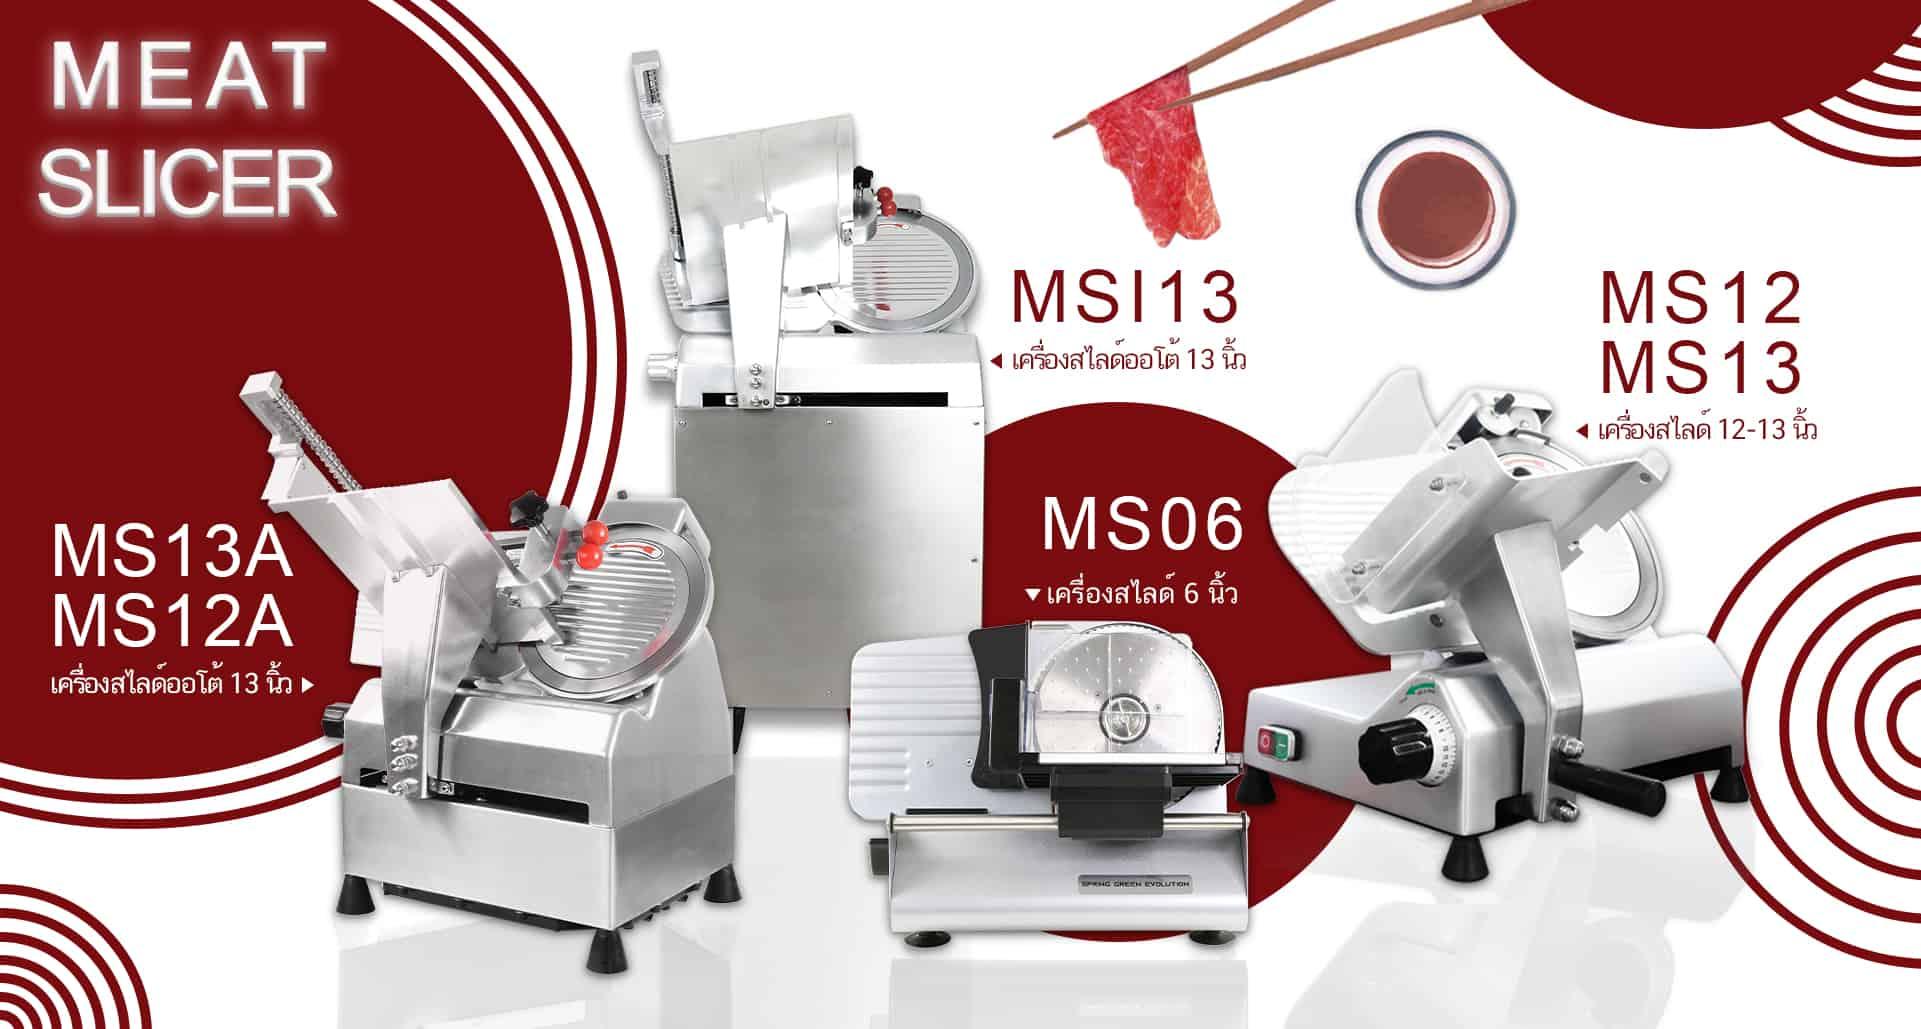 เครื่องสไลด์เนื้อ-เครื่องสไลด์หมู-MS06-Meat-slicer-all-product